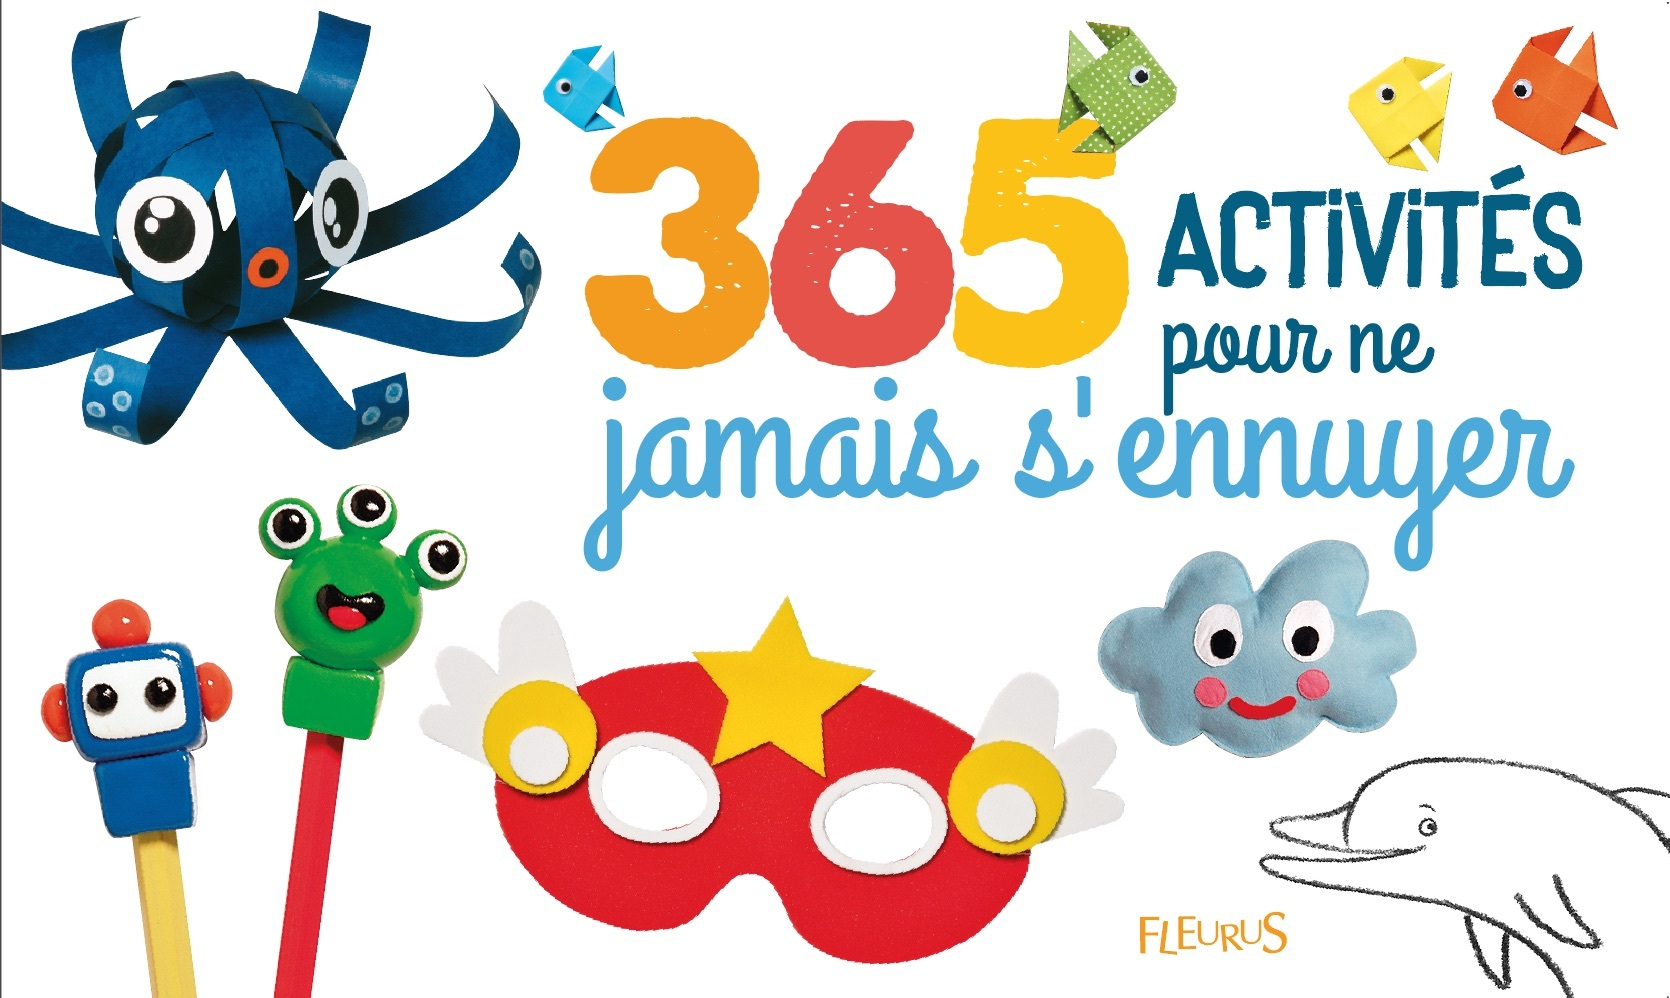 365 ACTIVITES POUR NE JAMAIS S'ENNUYER